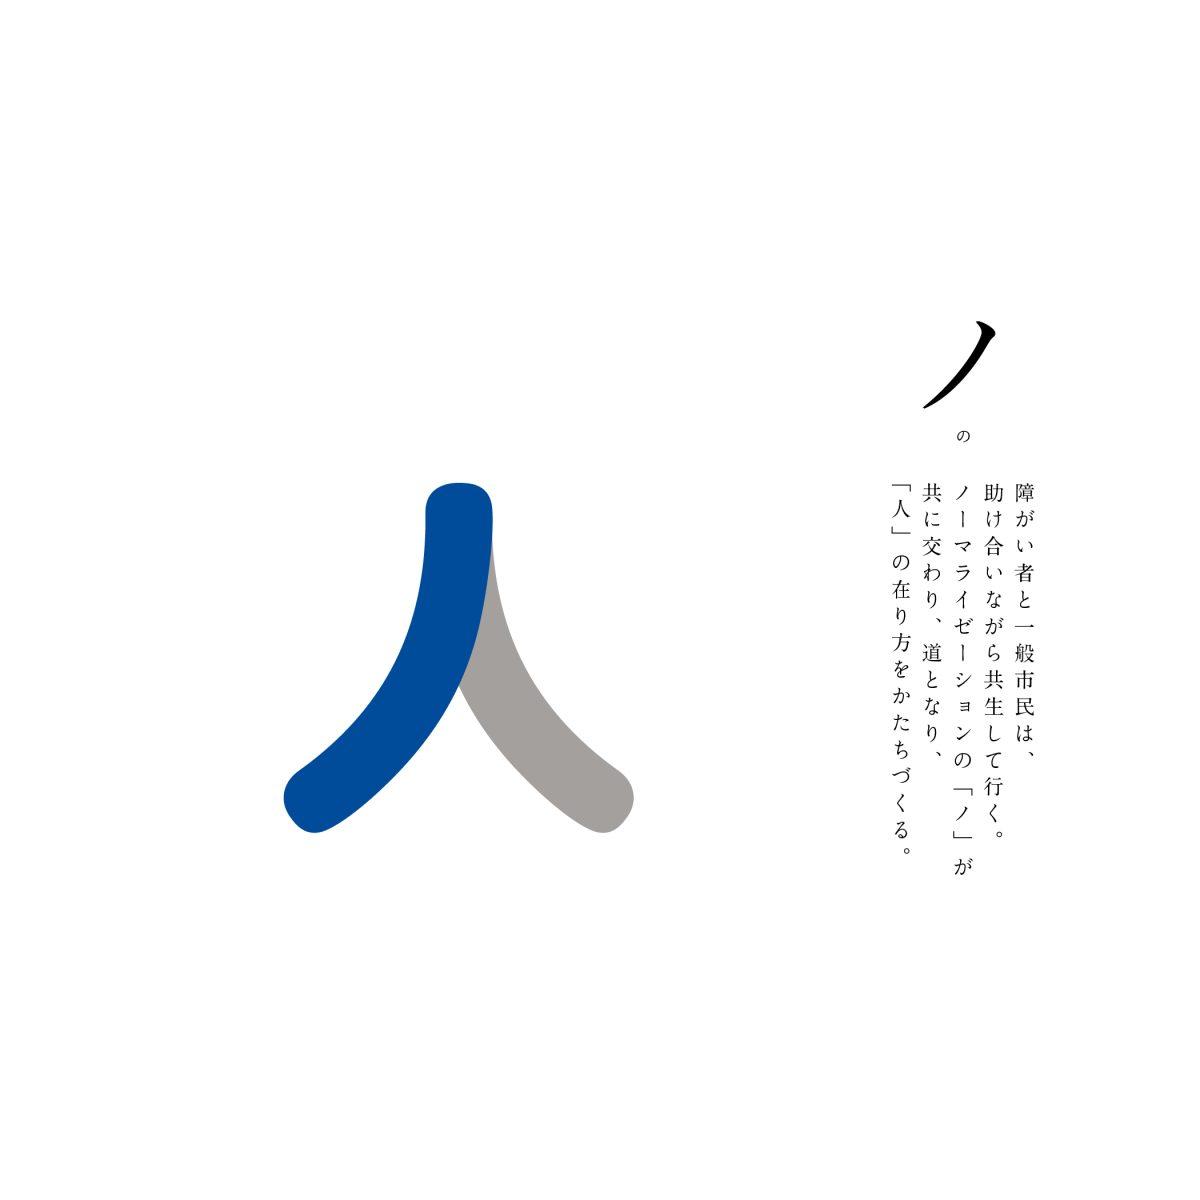 ノーマライゼーション促進研究会|Identity CI, Graphics|グラフィックデザイン|東京都品川区